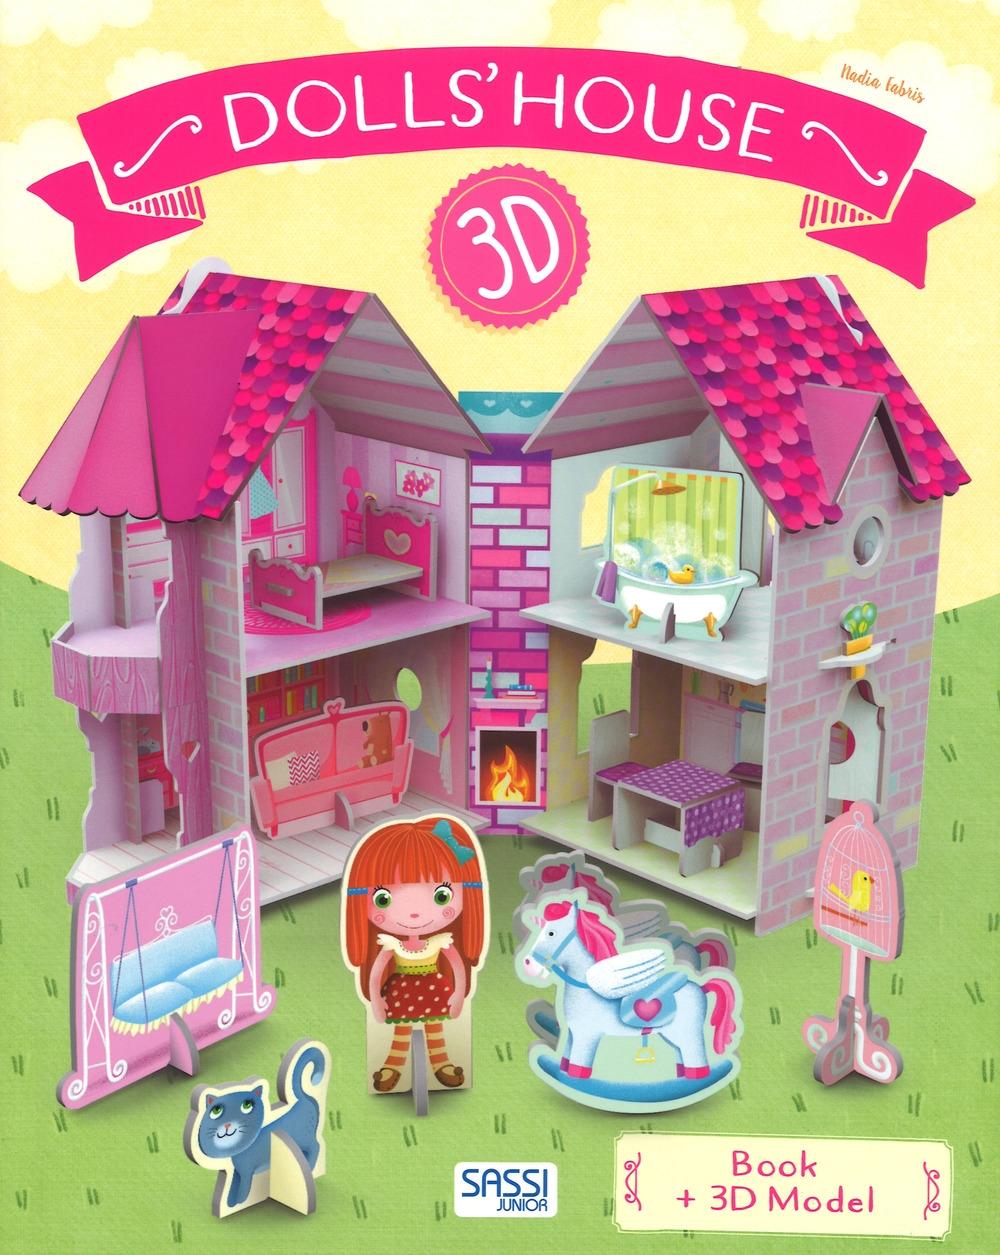 3D Dollhouse